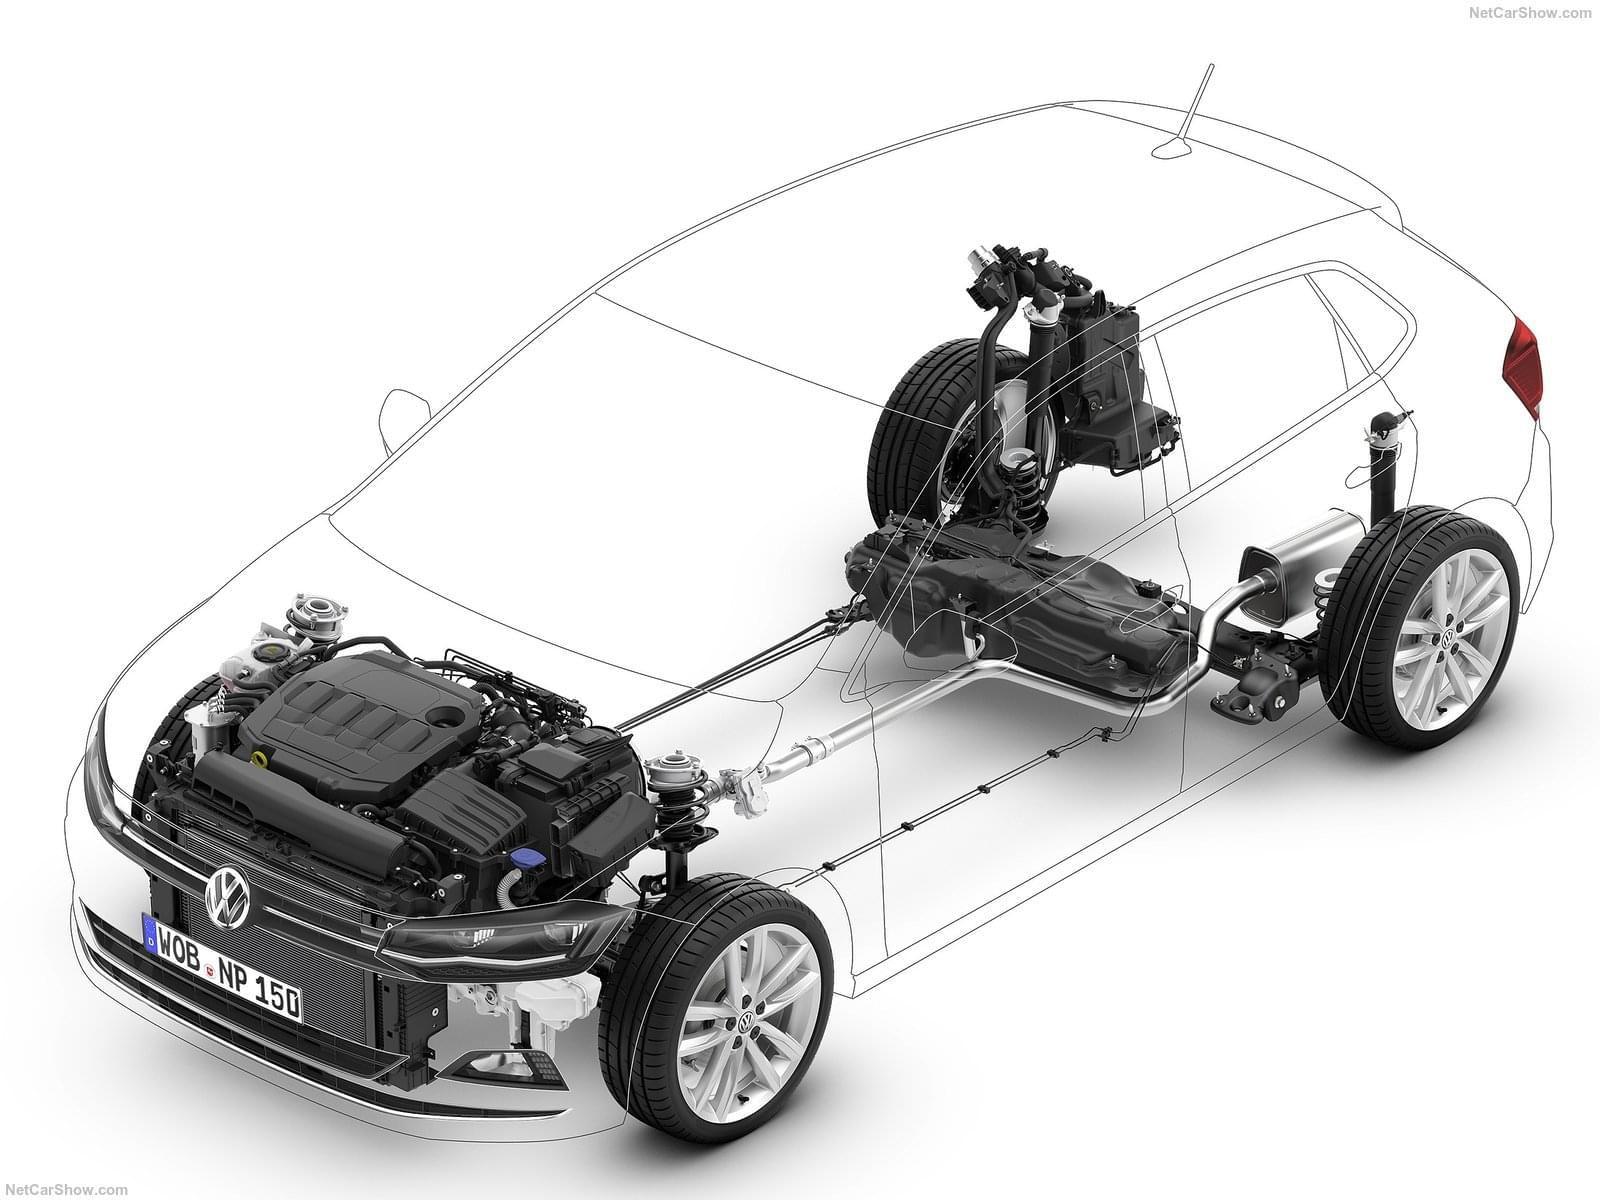 首次有天然气车型 全新POLO部分信息发布